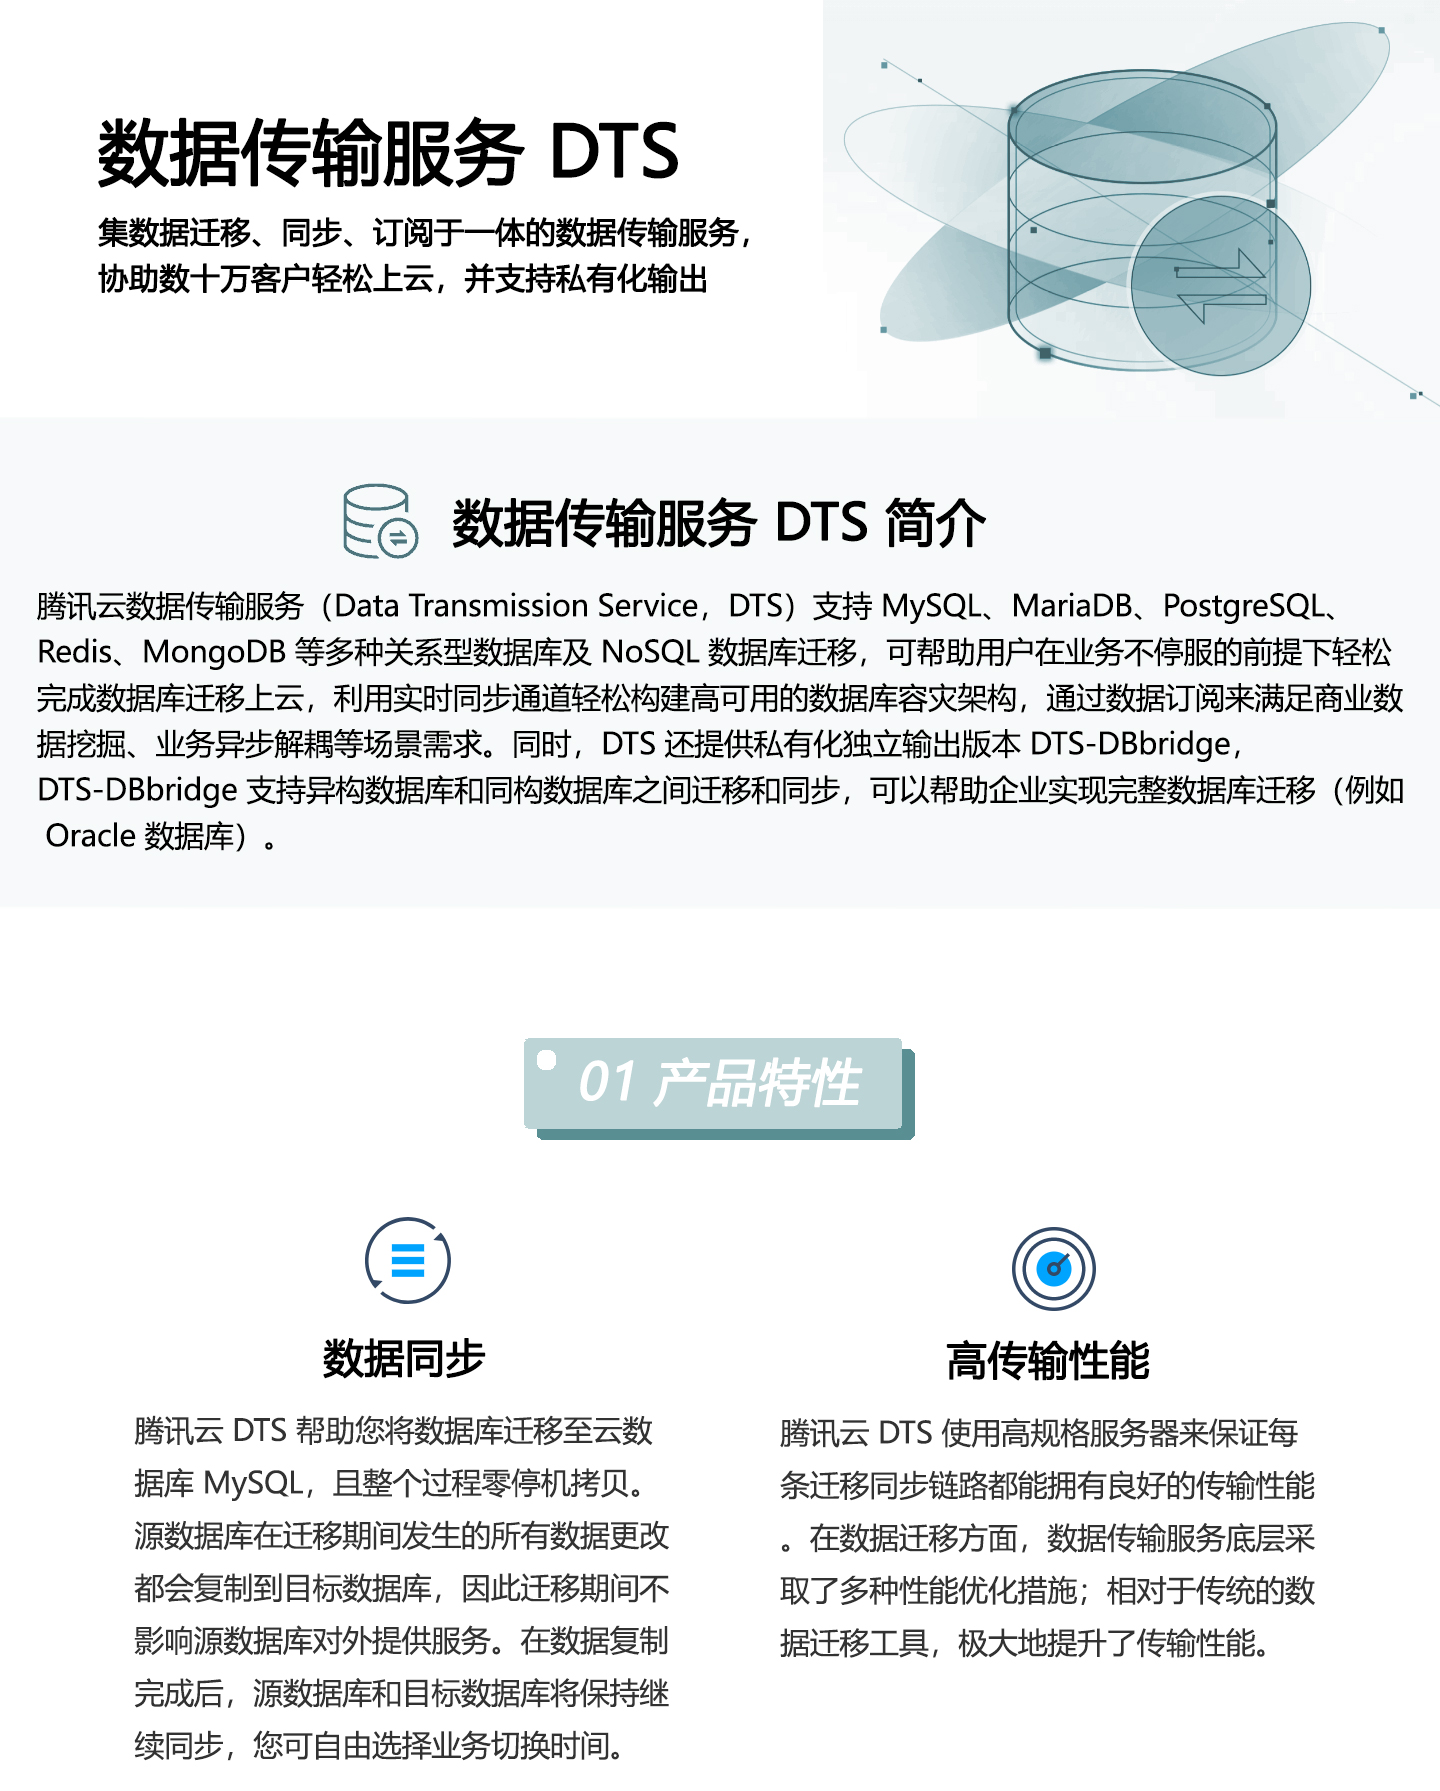 数据传输服务-DTS-1440_01.jpg